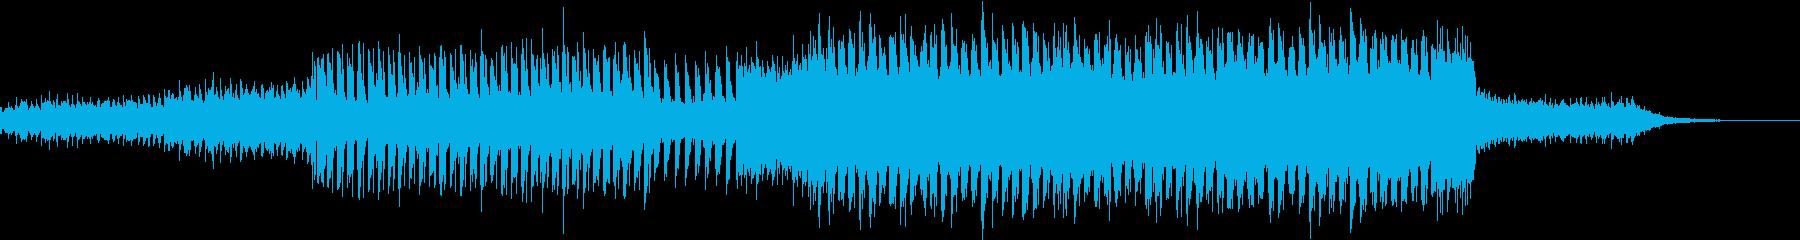 幻想的なクラブクラシックの再生済みの波形